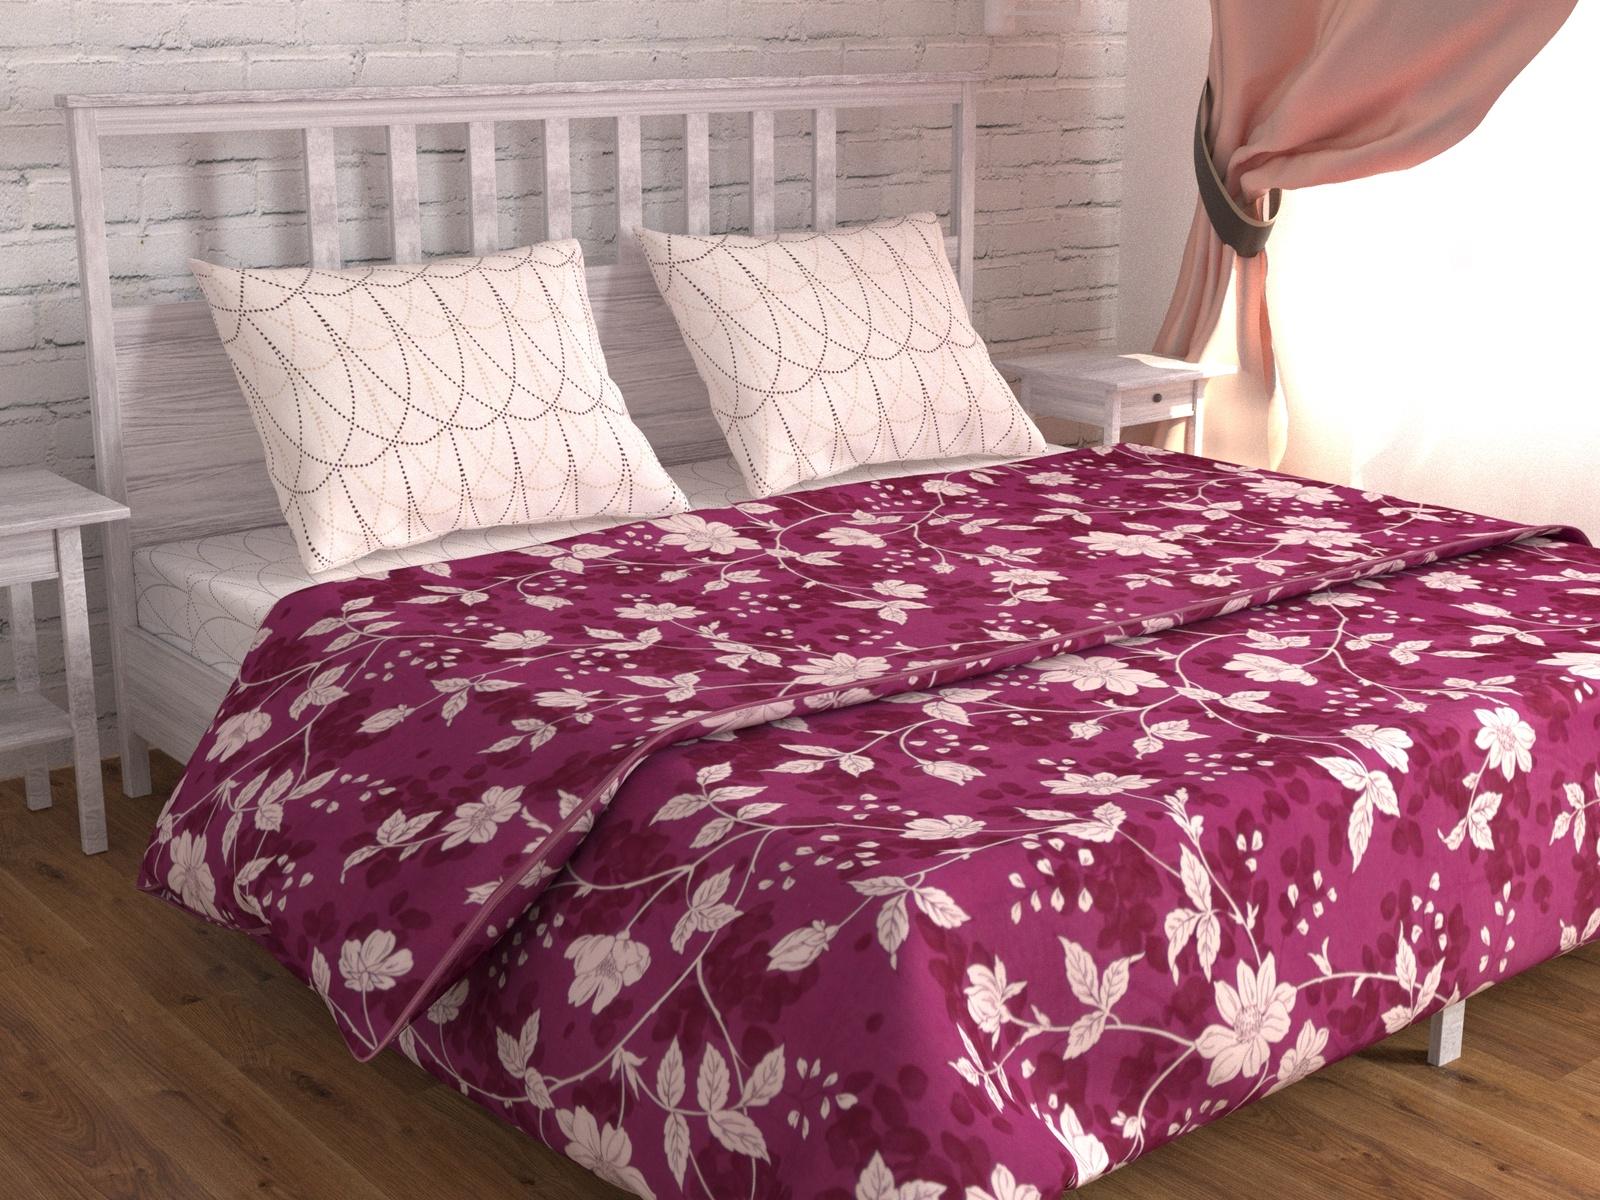 цена Постельное белье Зона сна молочный,фиолетовый 194-KPB50EvR-ZS Евро онлайн в 2017 году